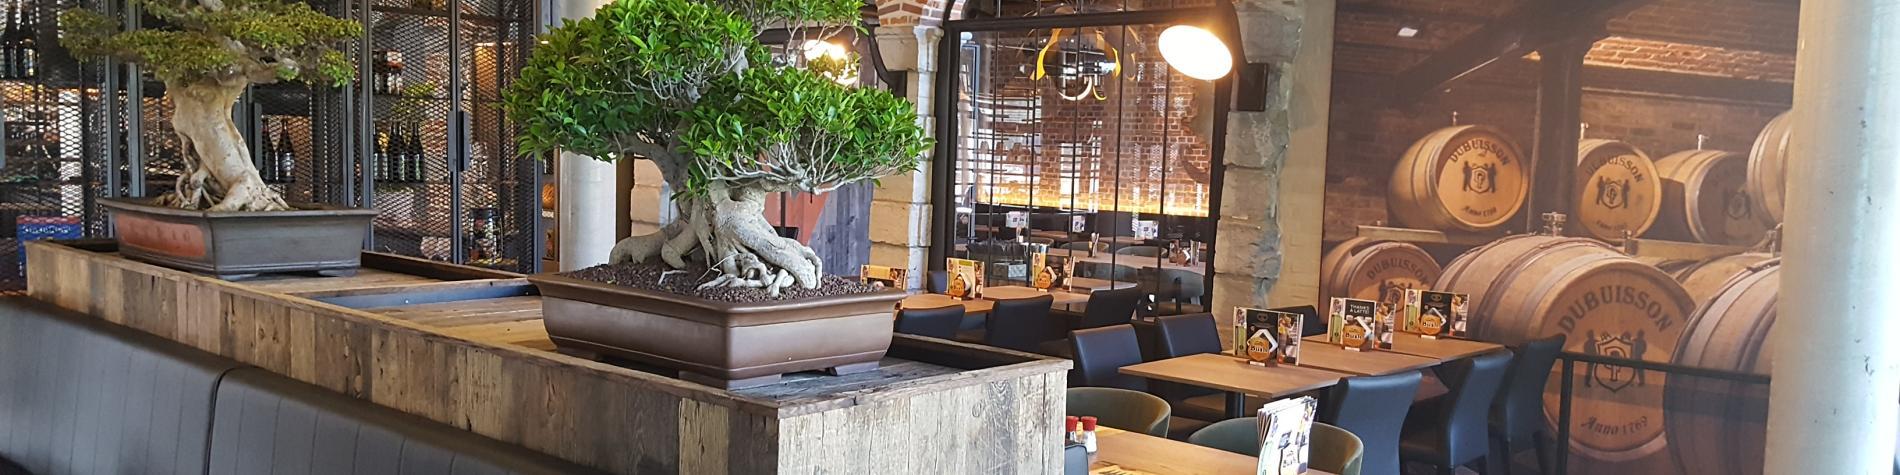 Brasserie Dusuisson - salle intérieure